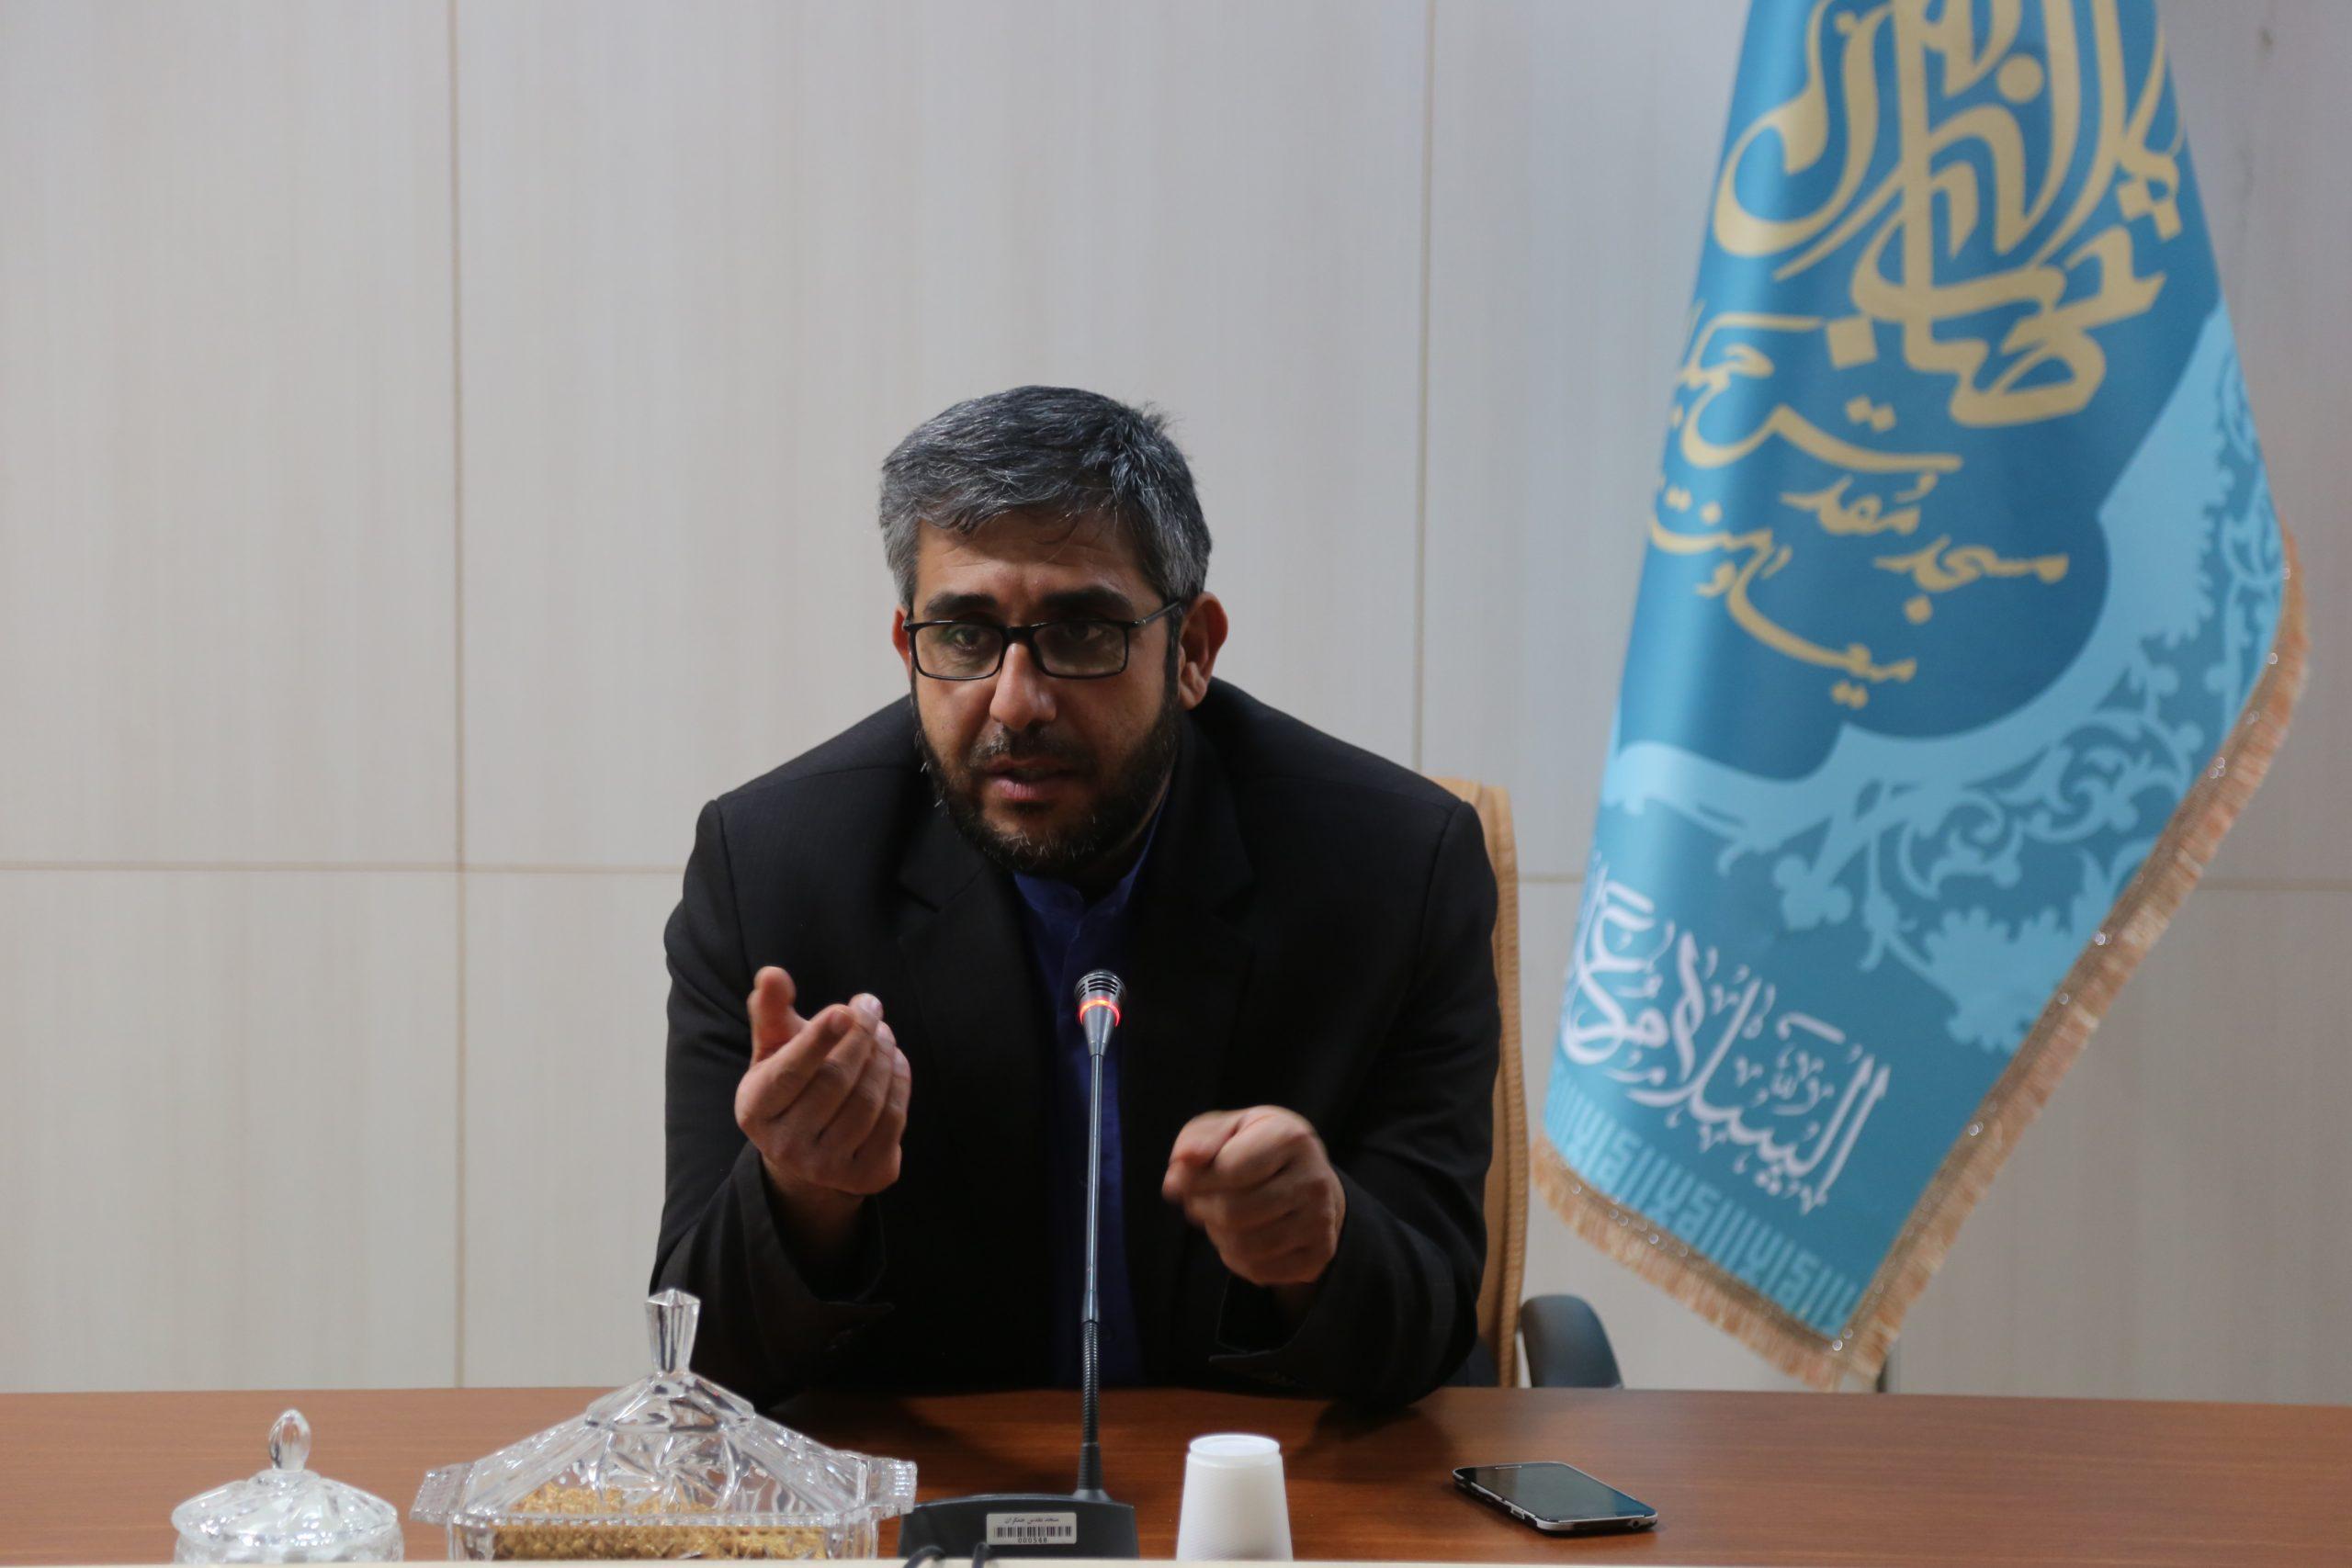 برگزاری مجازی مراسم های مسجد مقدس جمکران/ تعطیلی دو هفته ای برنامه های فرهنگی